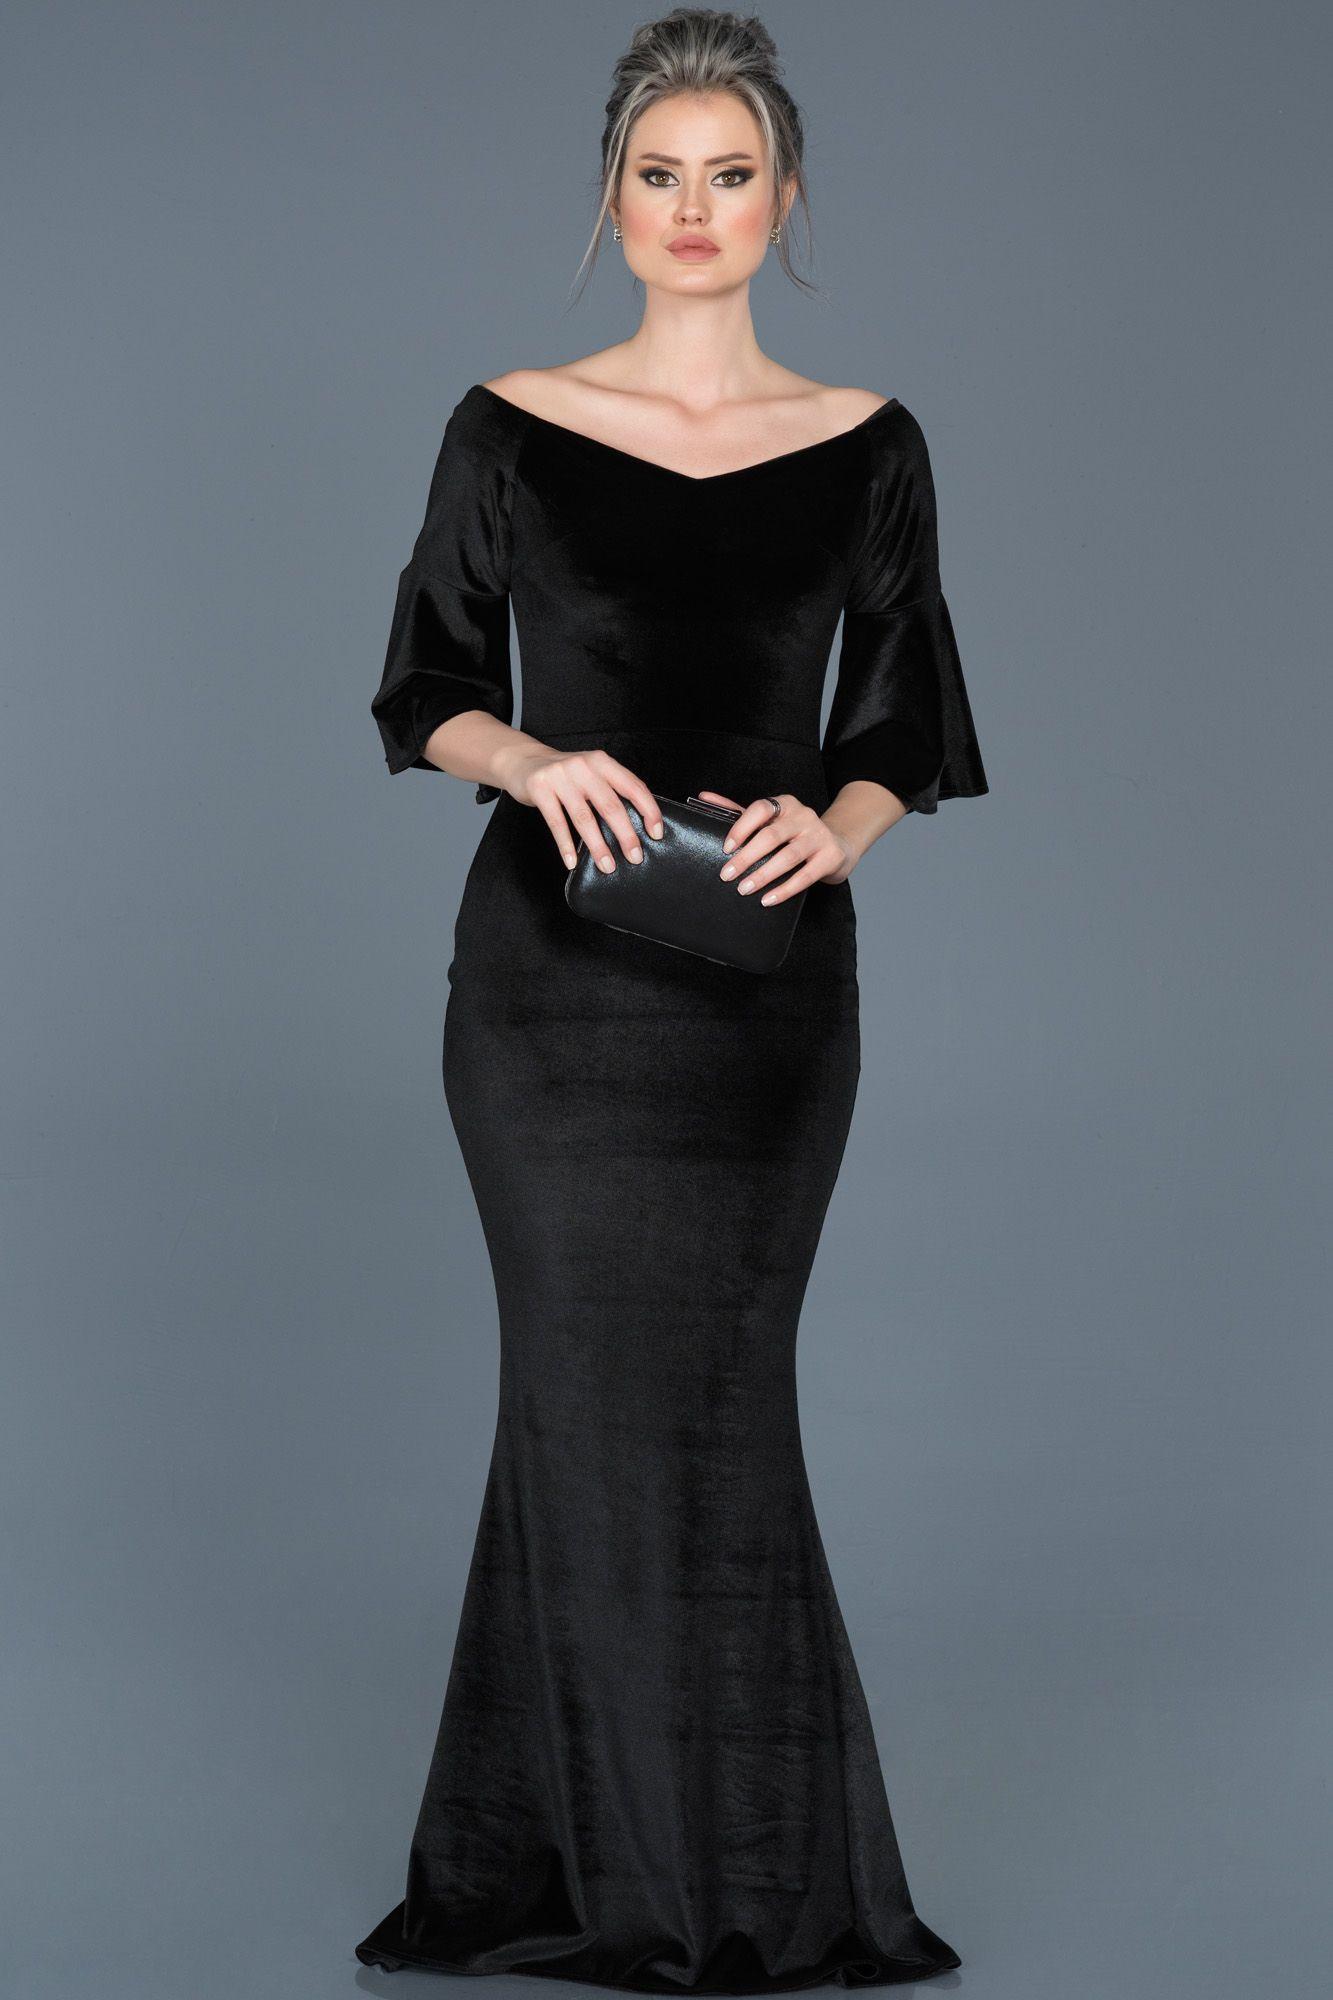 Siyah Kayik Yaka Kadife Elbise Abu519 The Dress Aksamustu Giysileri Elbise